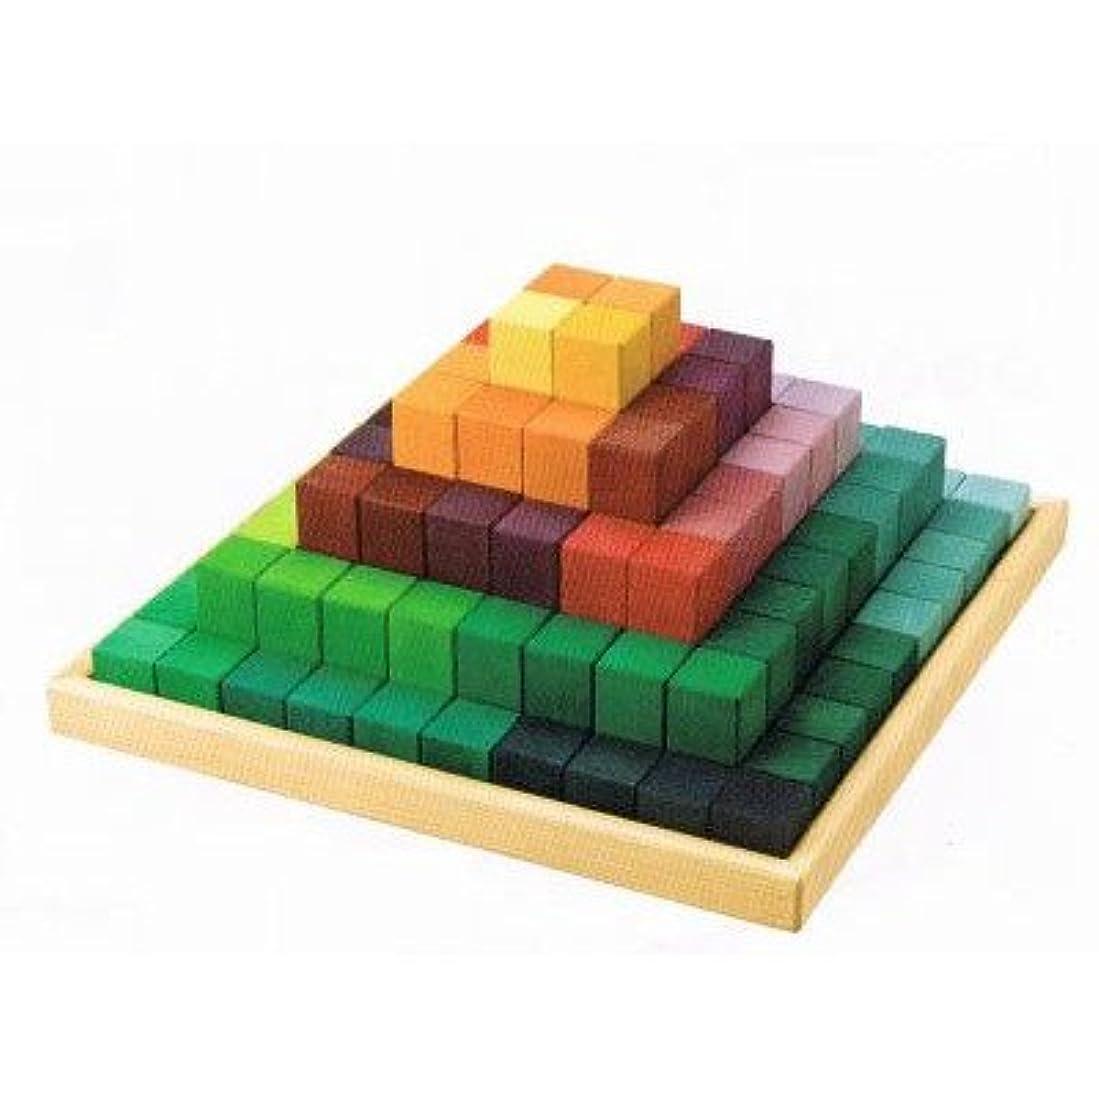 文房具日証拠グリムス にじのステップブロック 木のおもちゃ 積木